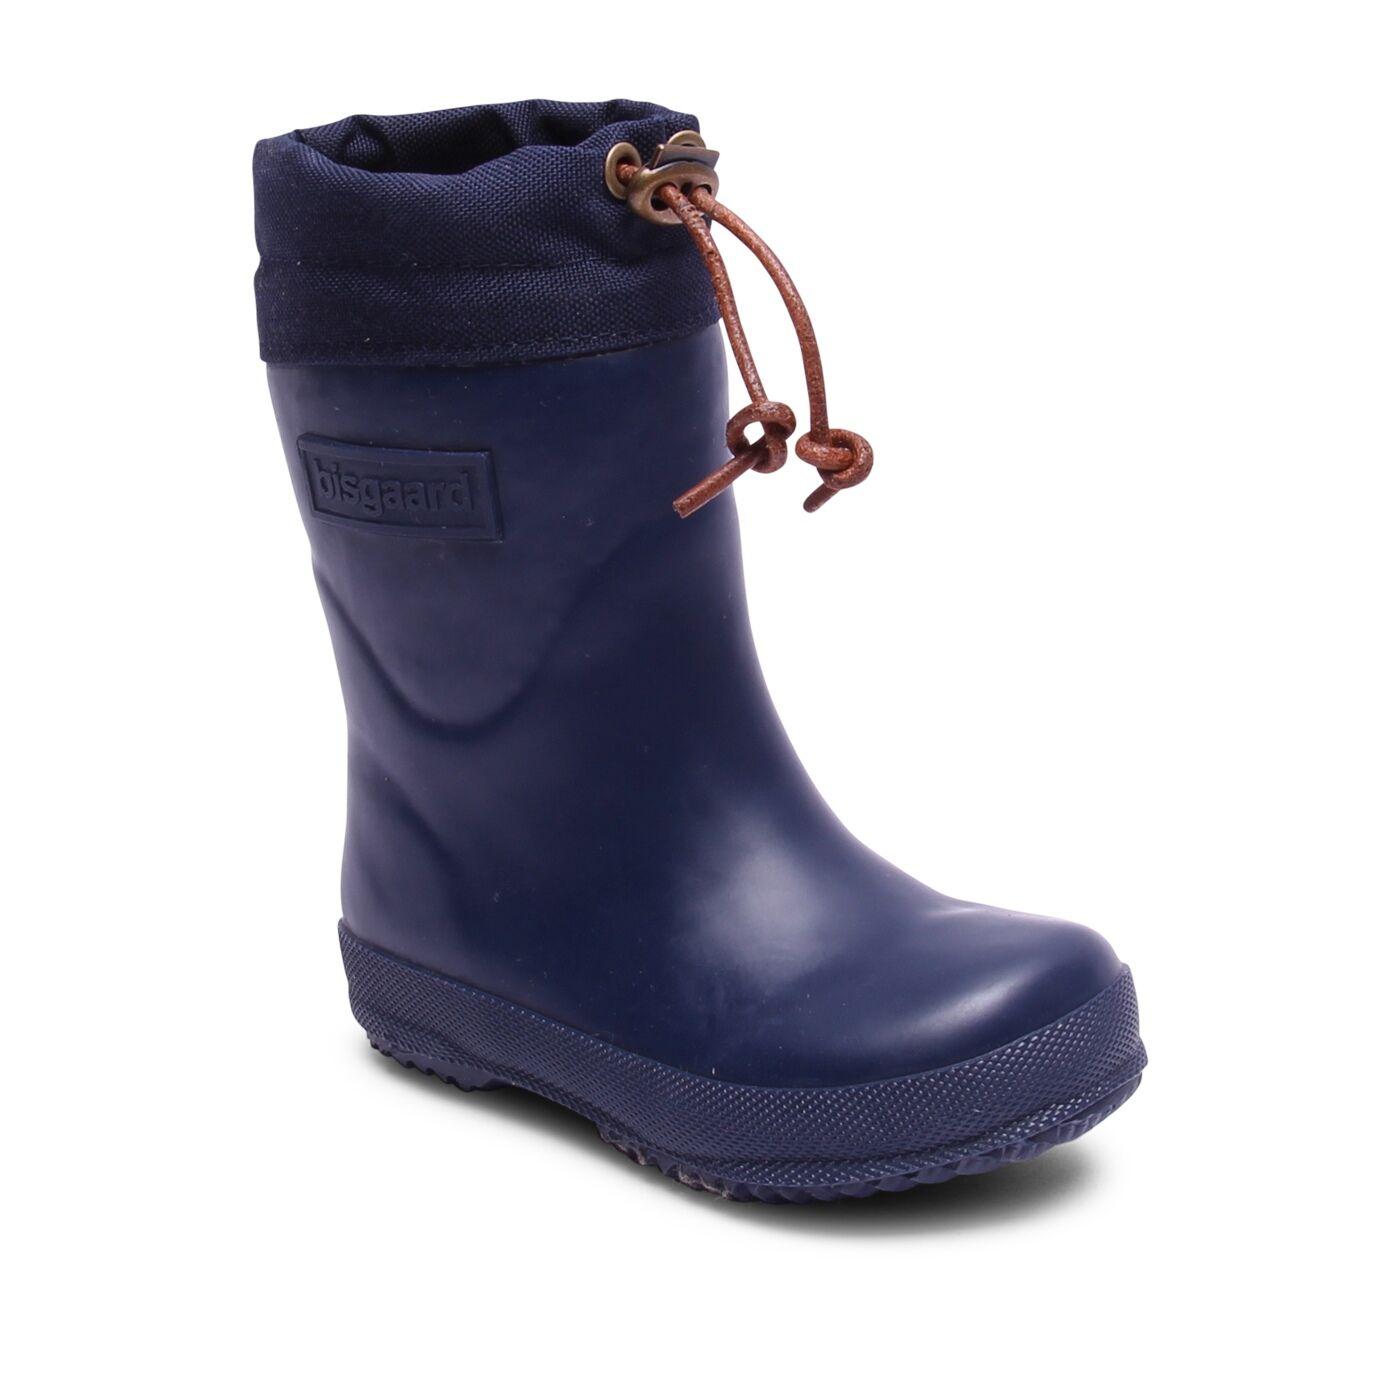 bisgaard 92009999 termogummistøvle, blue, 31